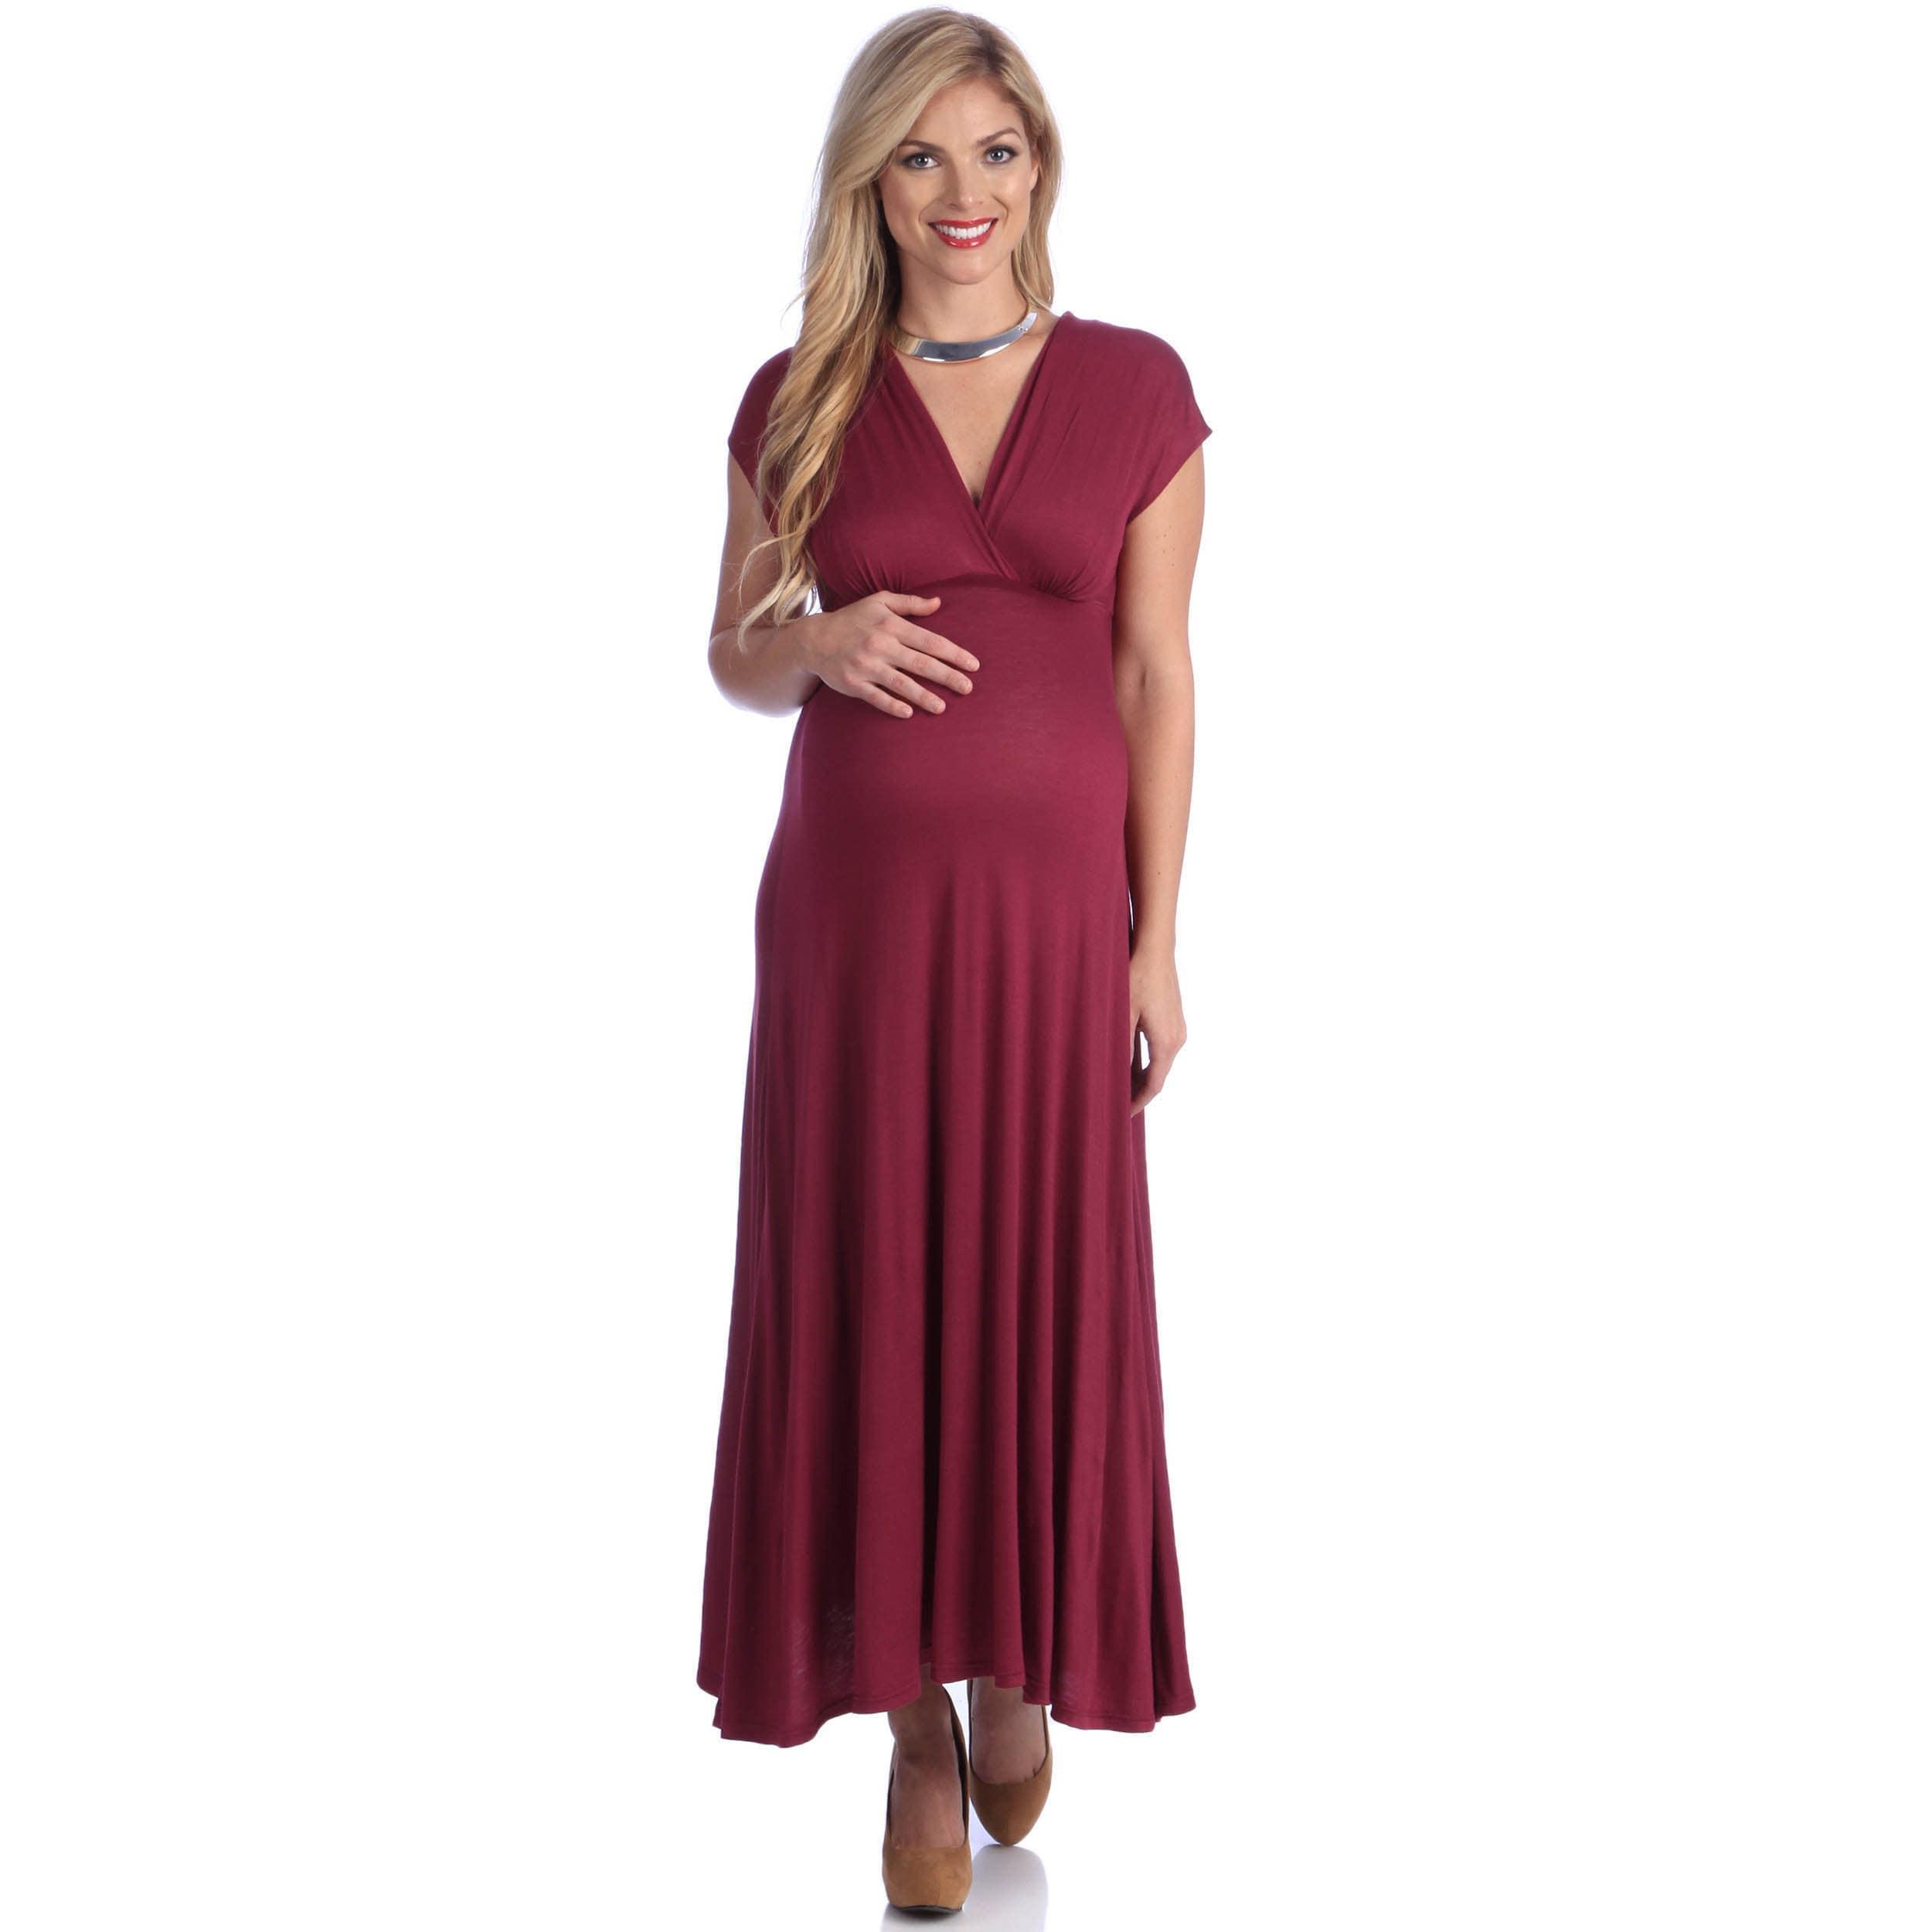 1f3dd7affb8 Cute Country Maternity Dresses - Gomes Weine AG